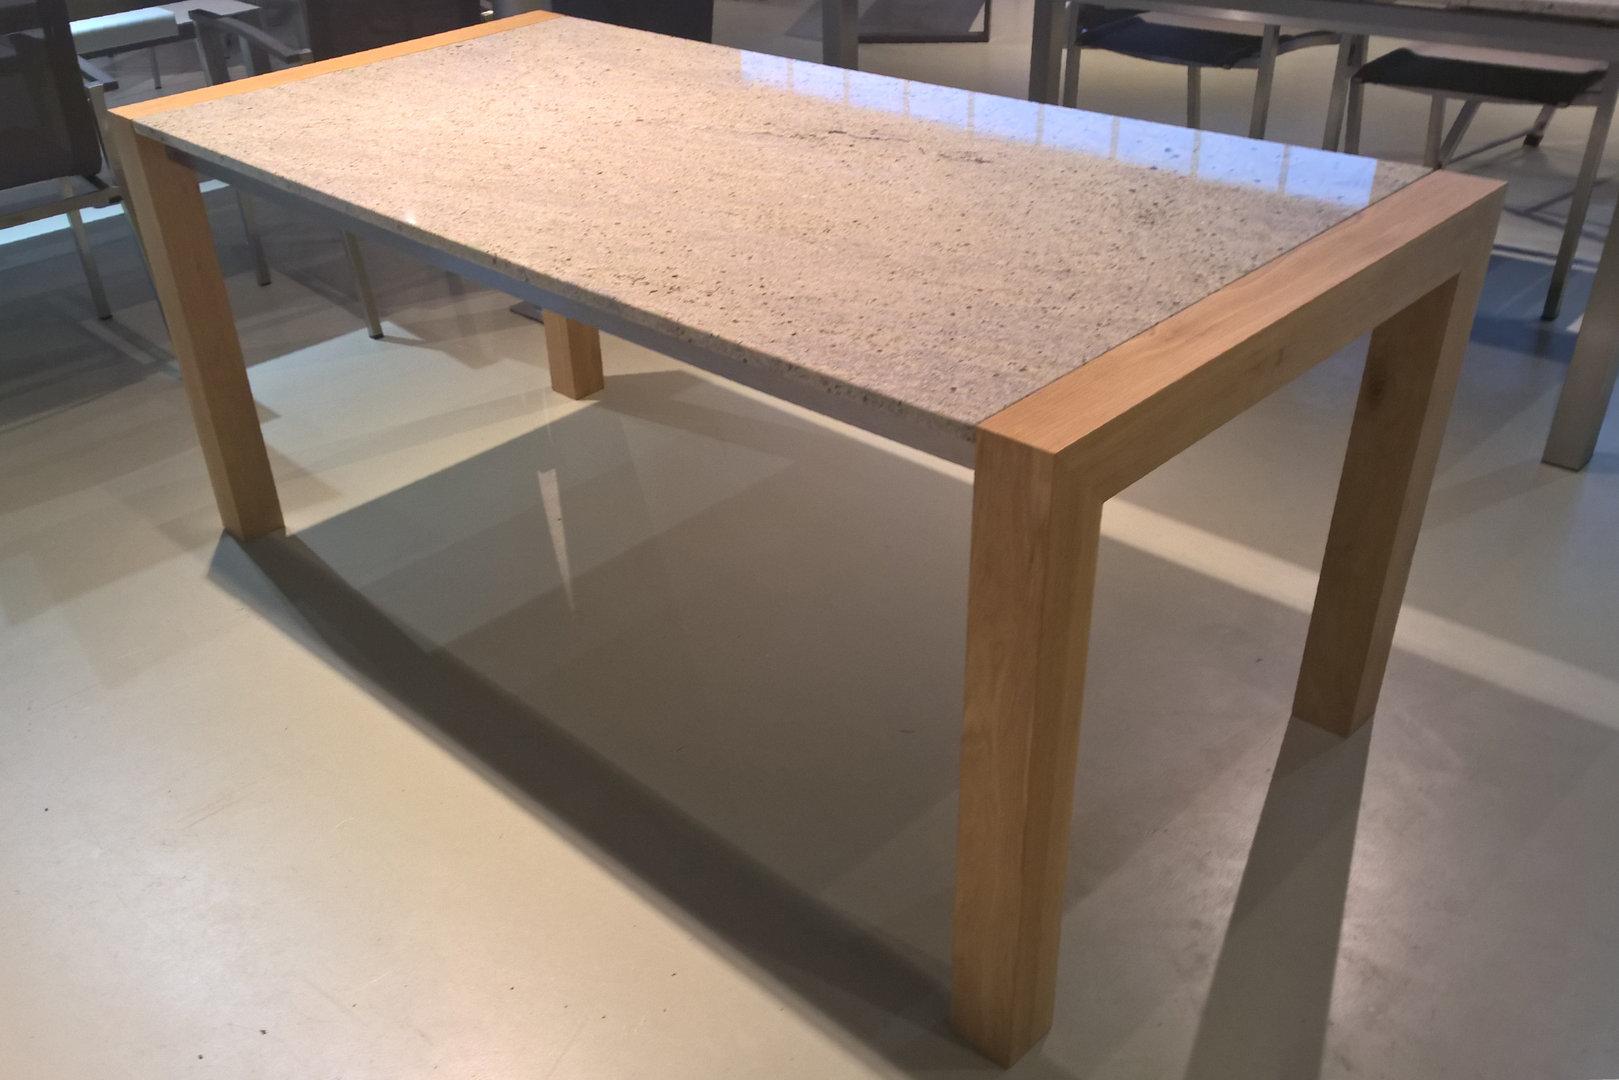 Esstische mit naturstein granit tischplatte alpgranit for Esstisch granit